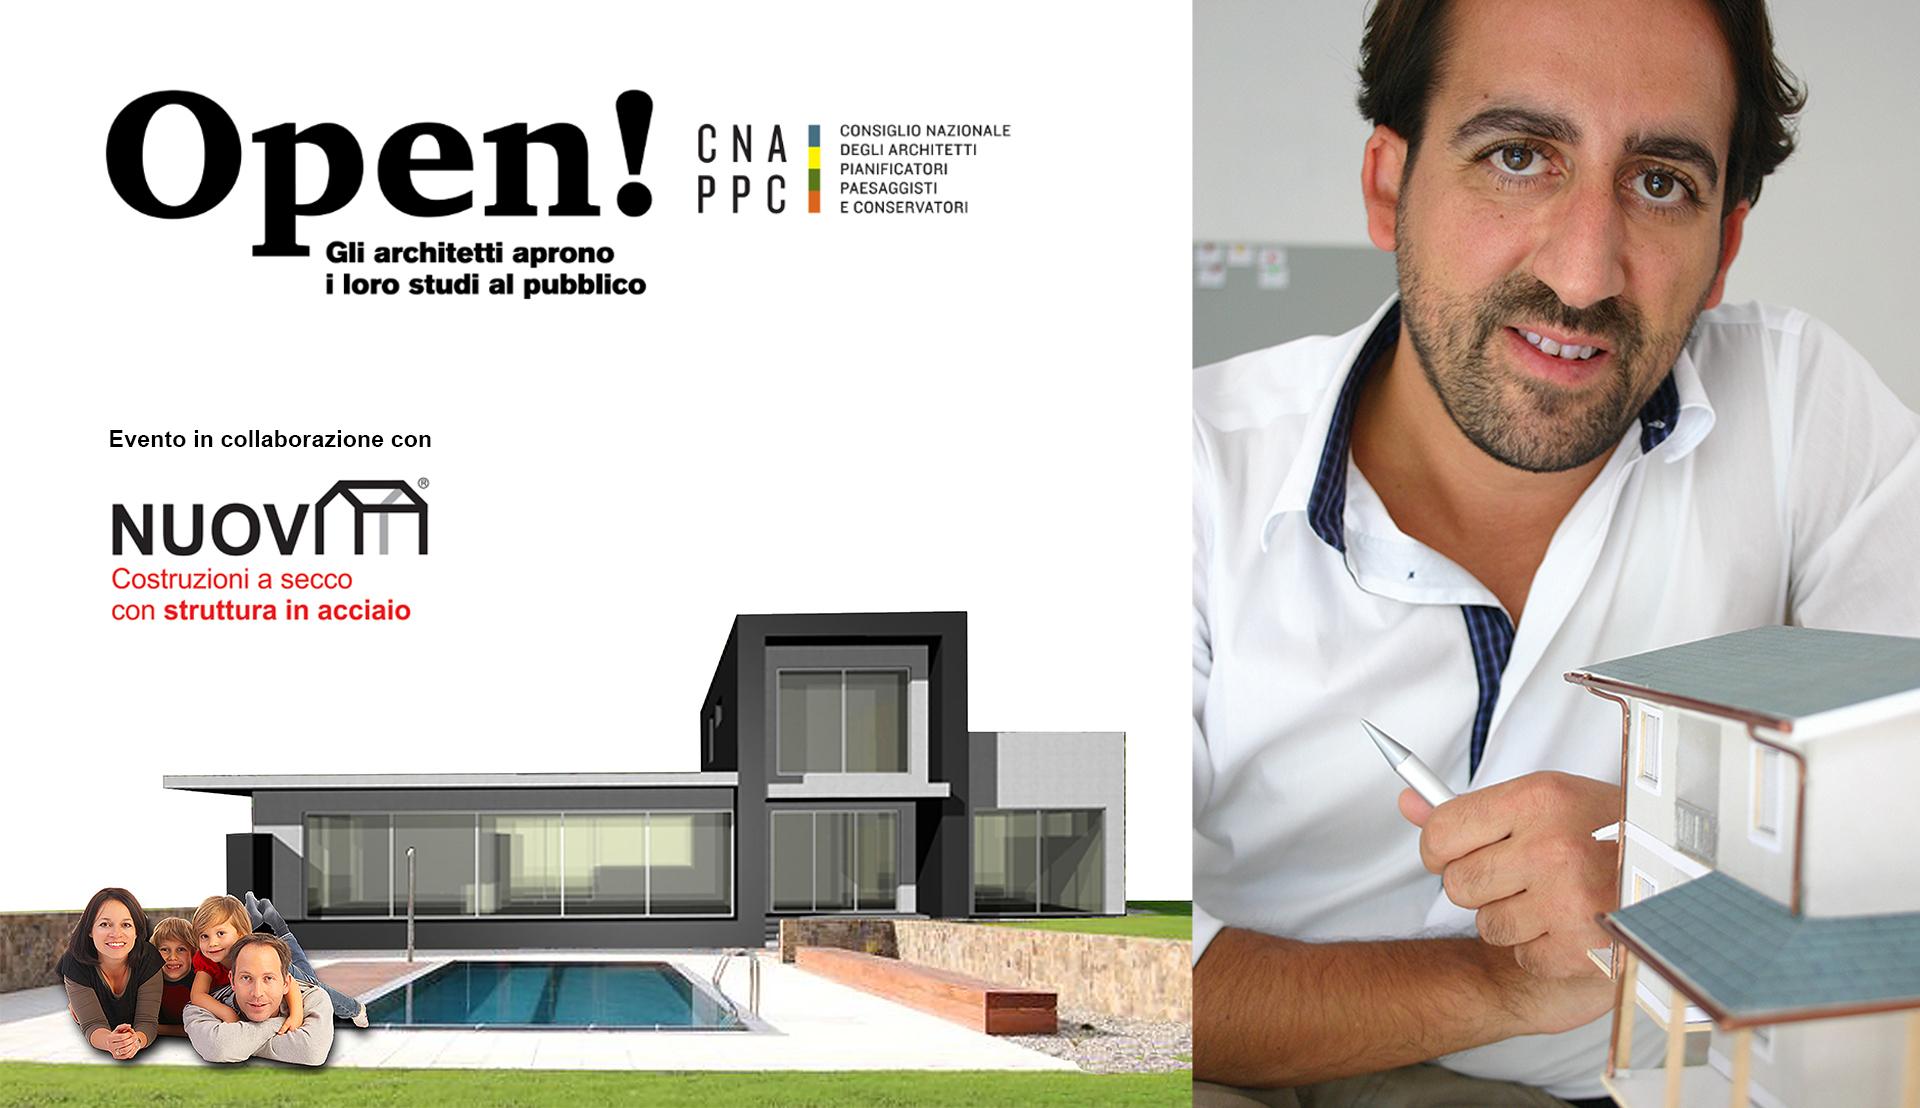 Modello di edificio per abitazione in stile moderno realizzato con sistemi a secco.